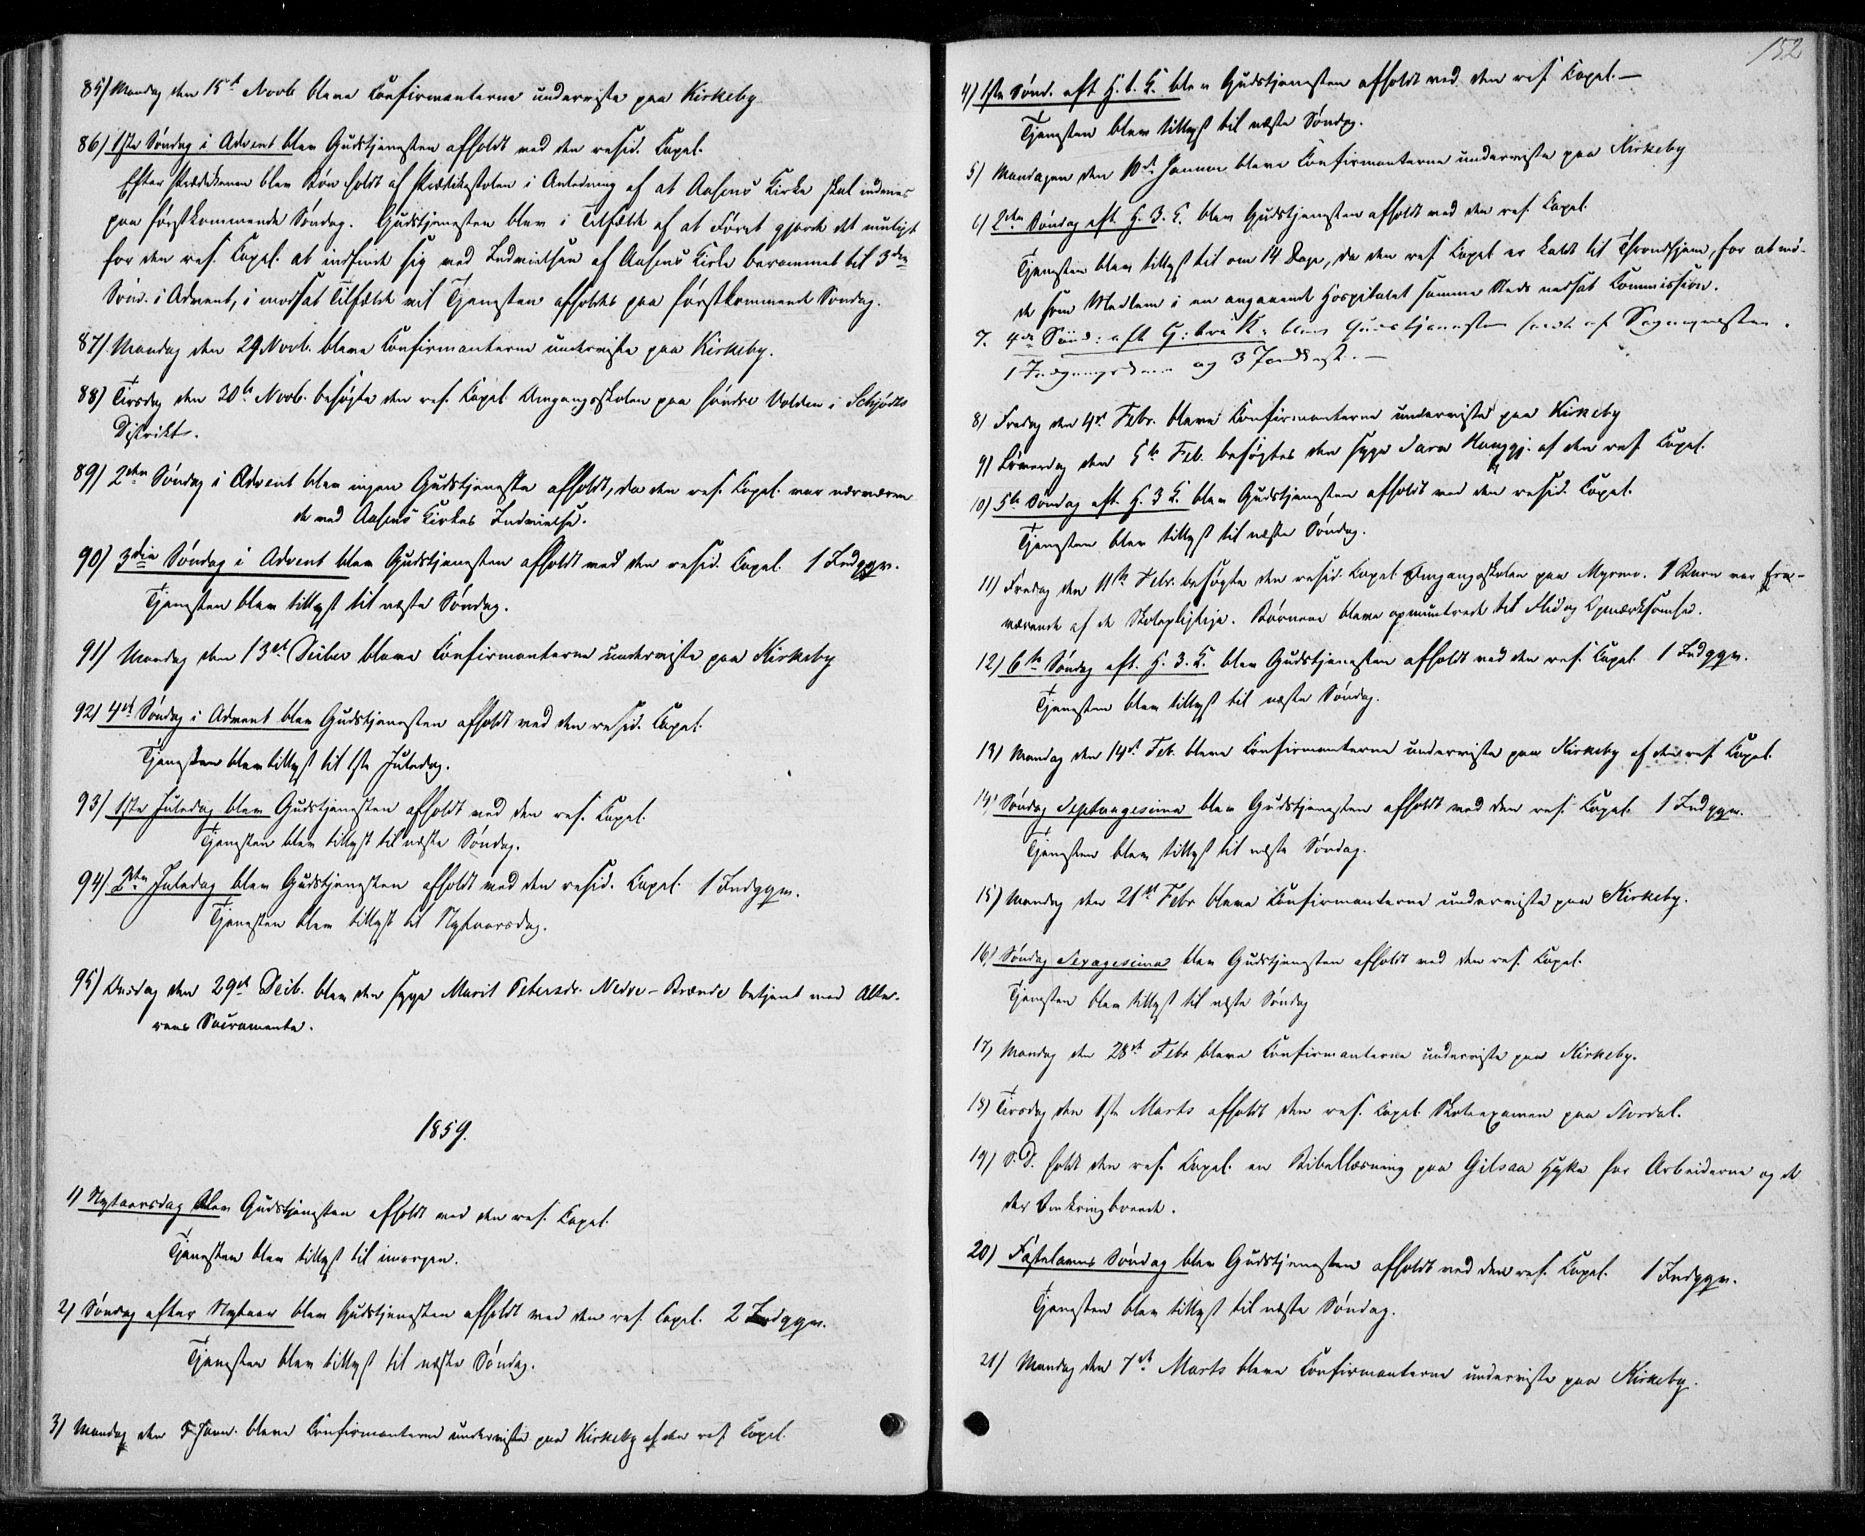 SAT, Ministerialprotokoller, klokkerbøker og fødselsregistre - Nord-Trøndelag, 706/L0040: Parish register (official) no. 706A01, 1850-1861, p. 152